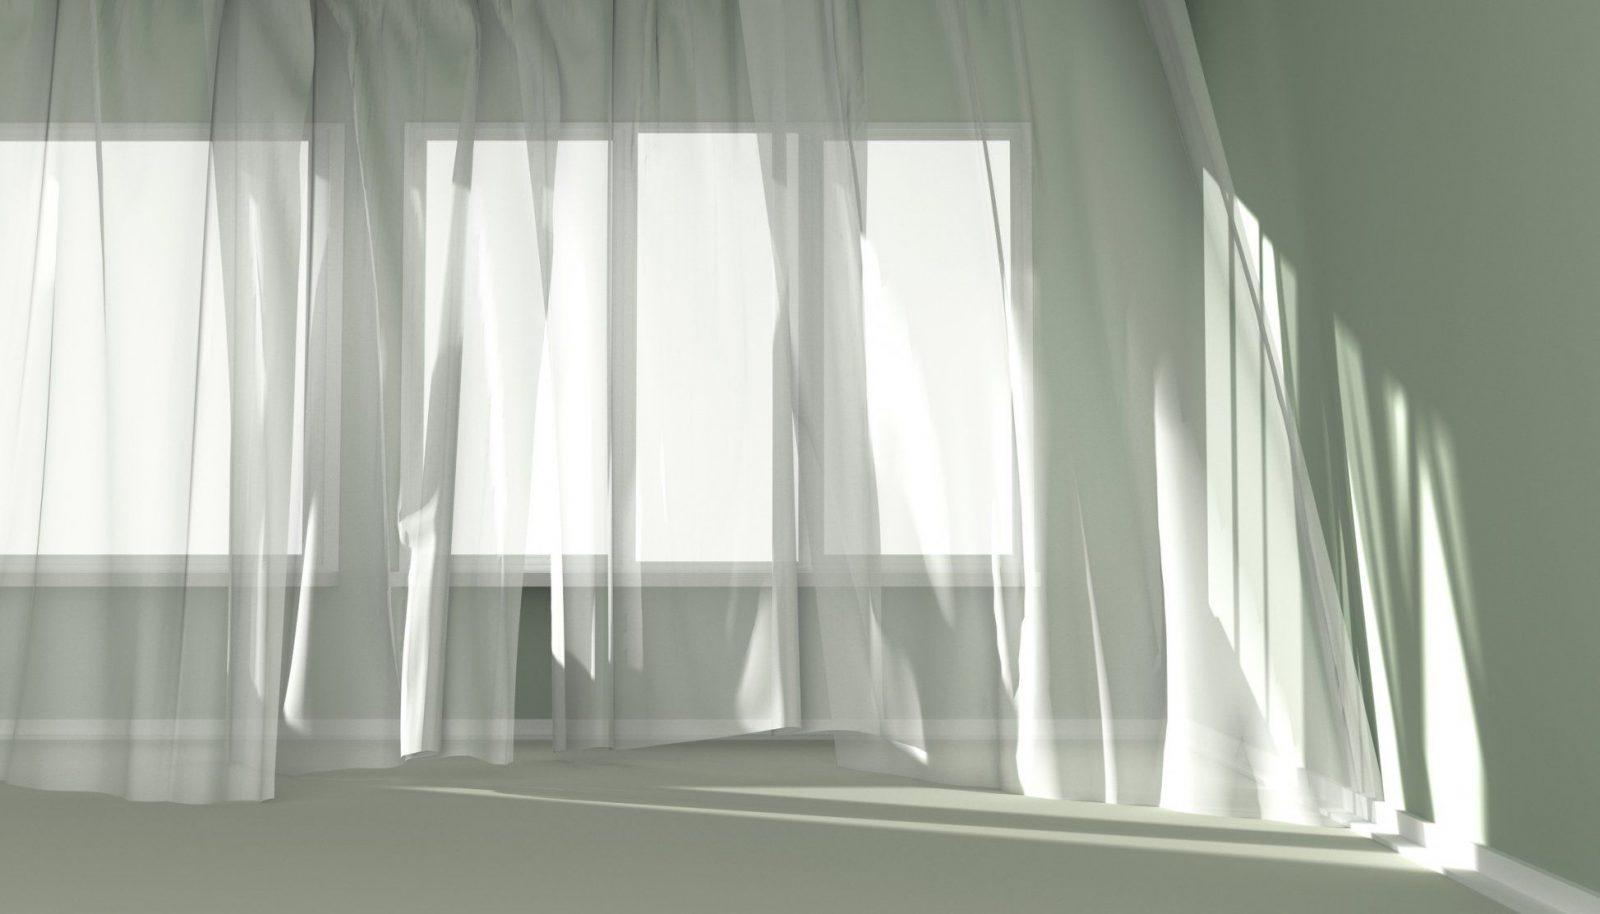 gardine verona jaquardlangstore wei 300x245 cm von gardinen waschen welches programm photo. Black Bedroom Furniture Sets. Home Design Ideas